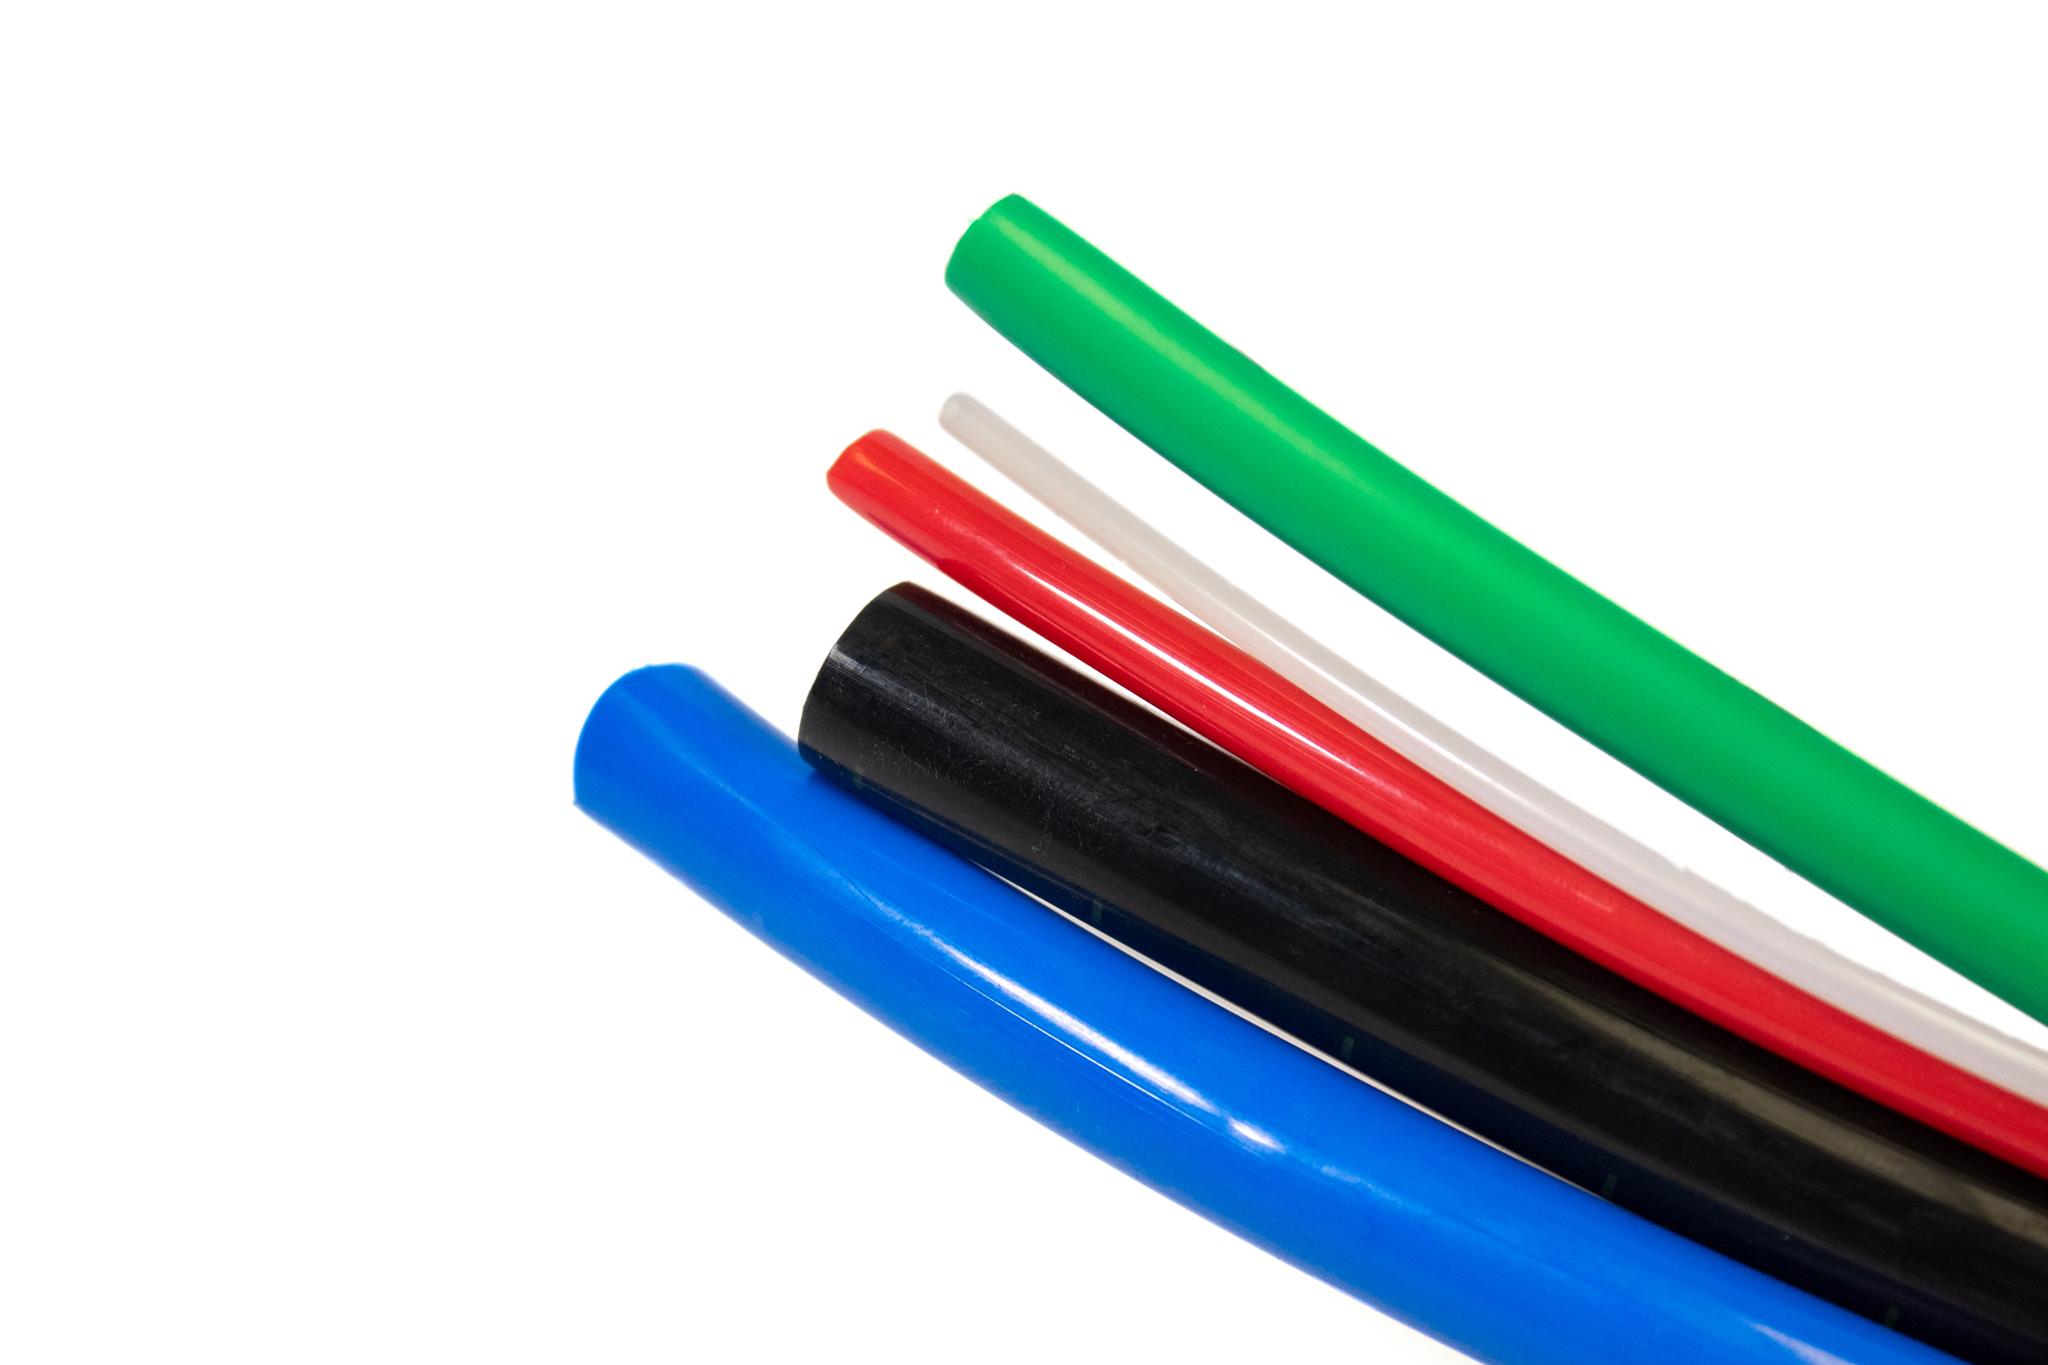 Flexible Nylon Hose Tubing Standard Wall 11.0mm O/D x 8.0mm I/D x 1.5mm Wall Red